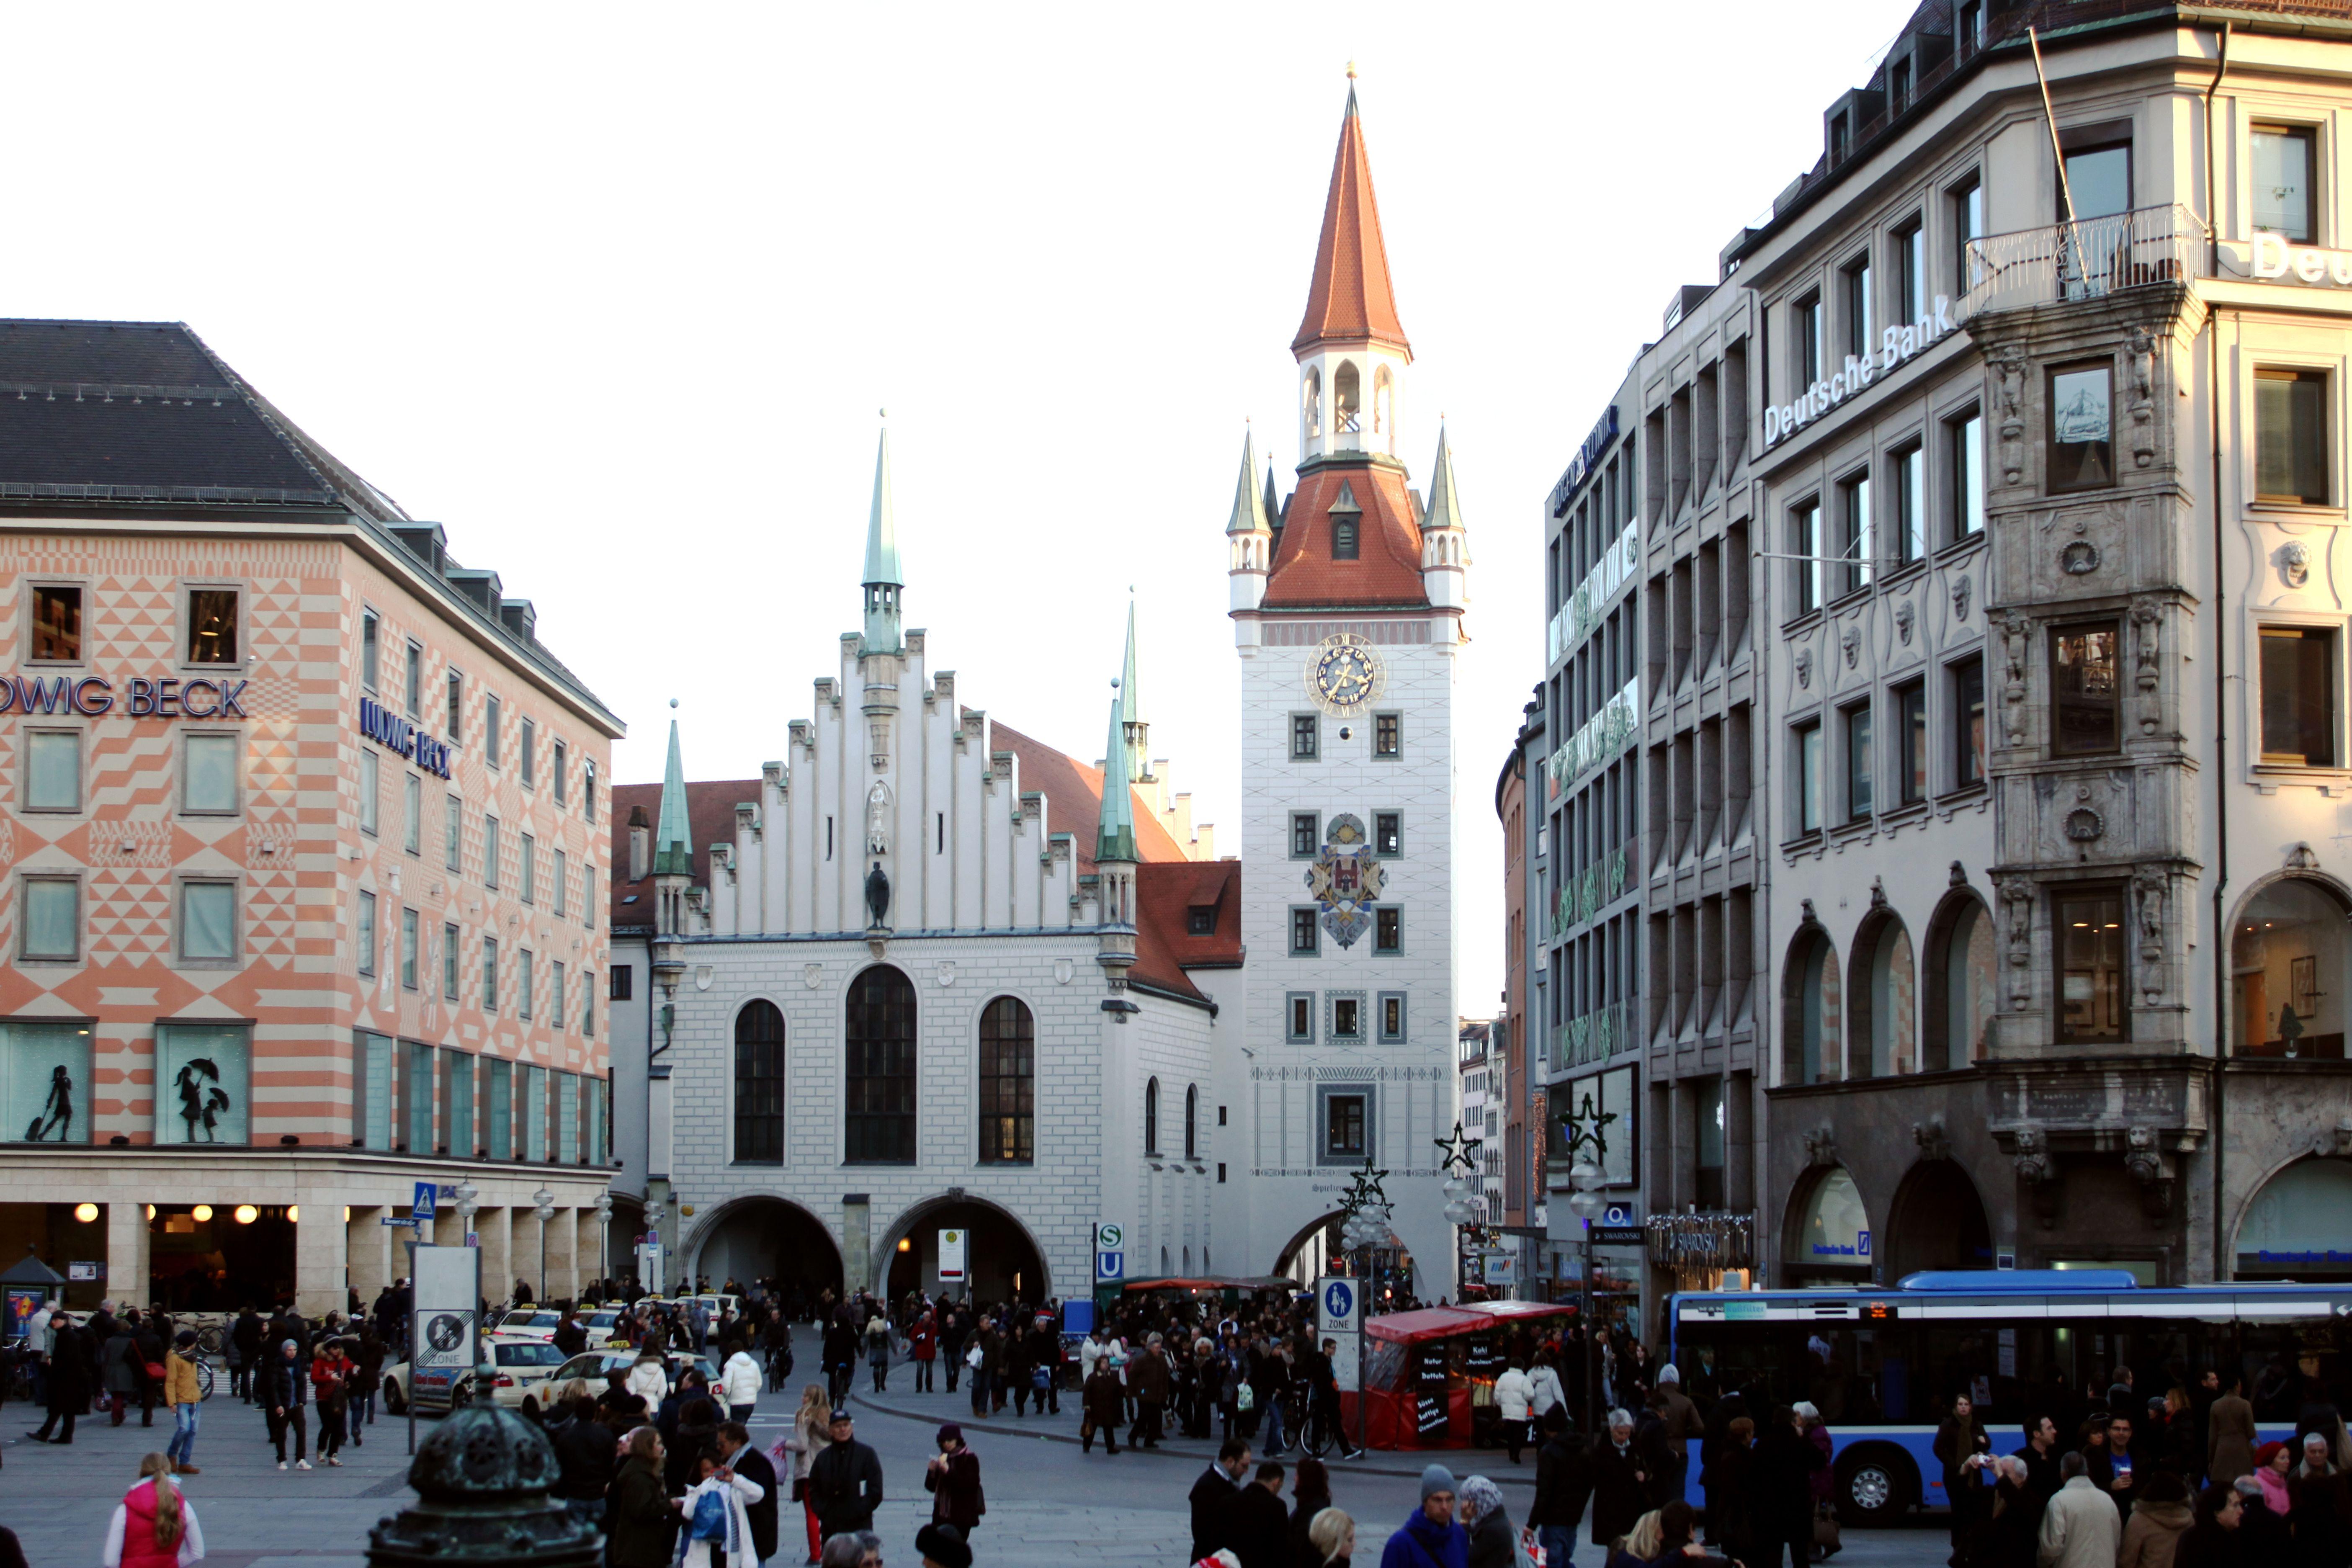 Rund Ums Rathaus